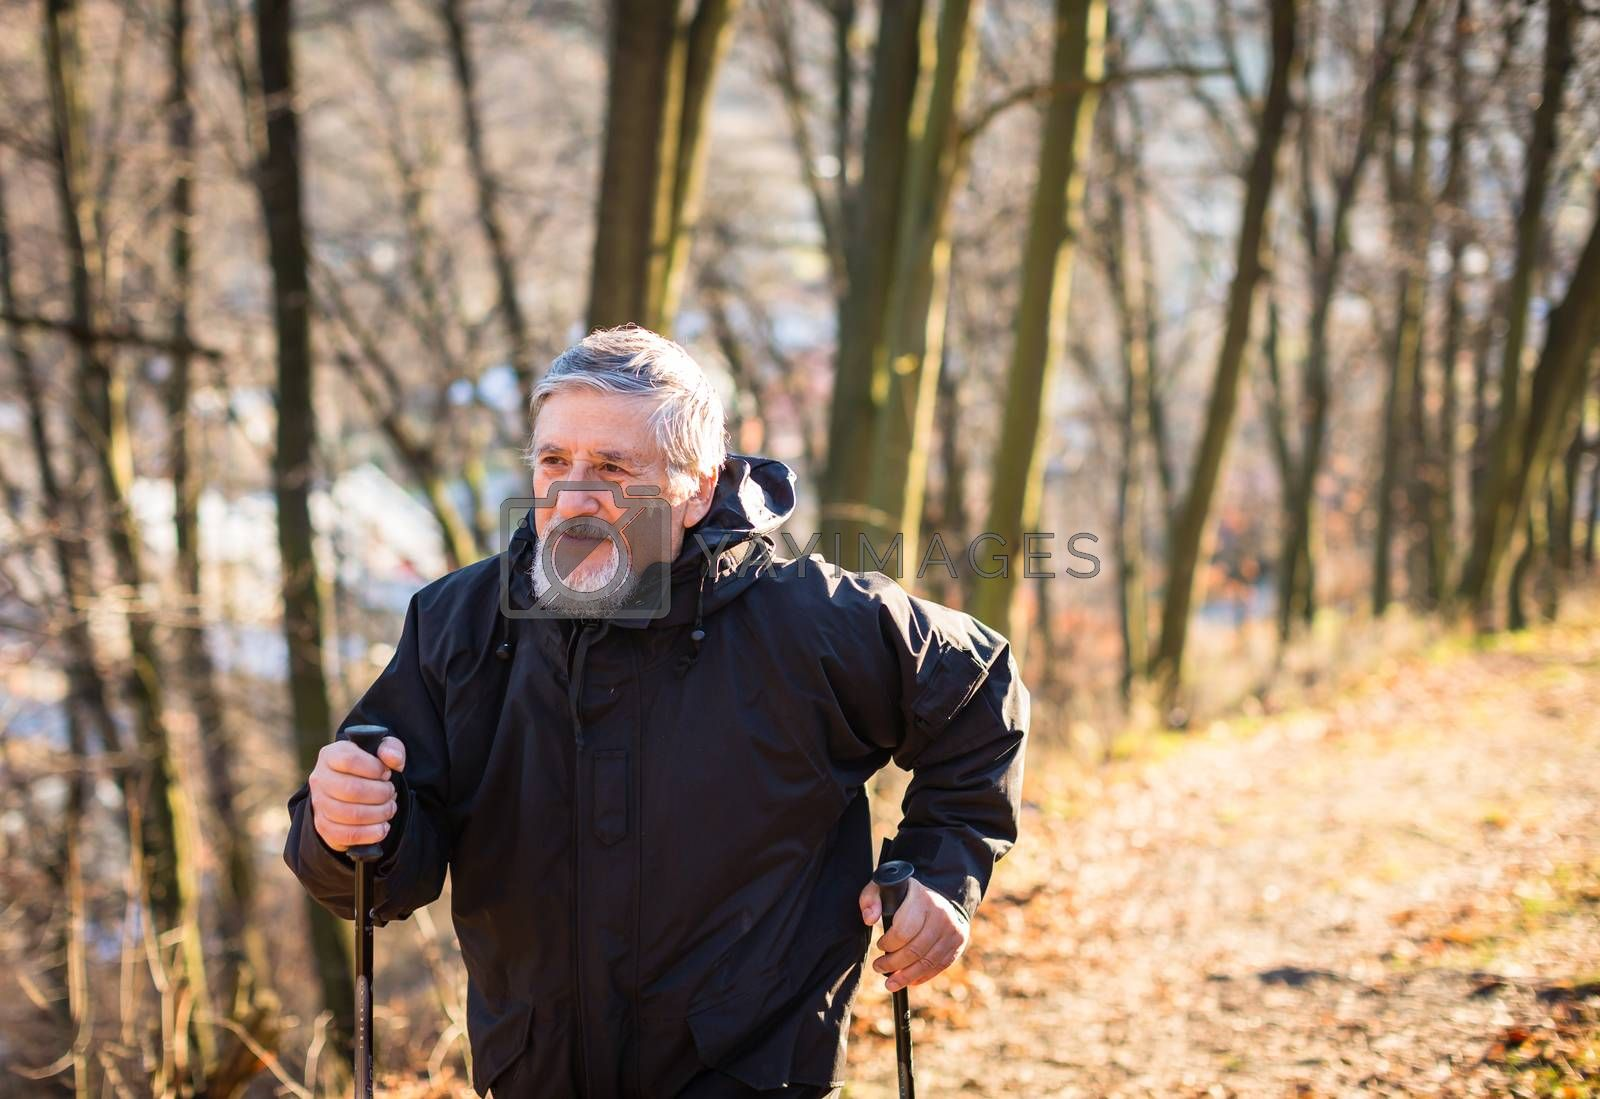 Royalty free image of Senior man nordic walking by viktor_cap